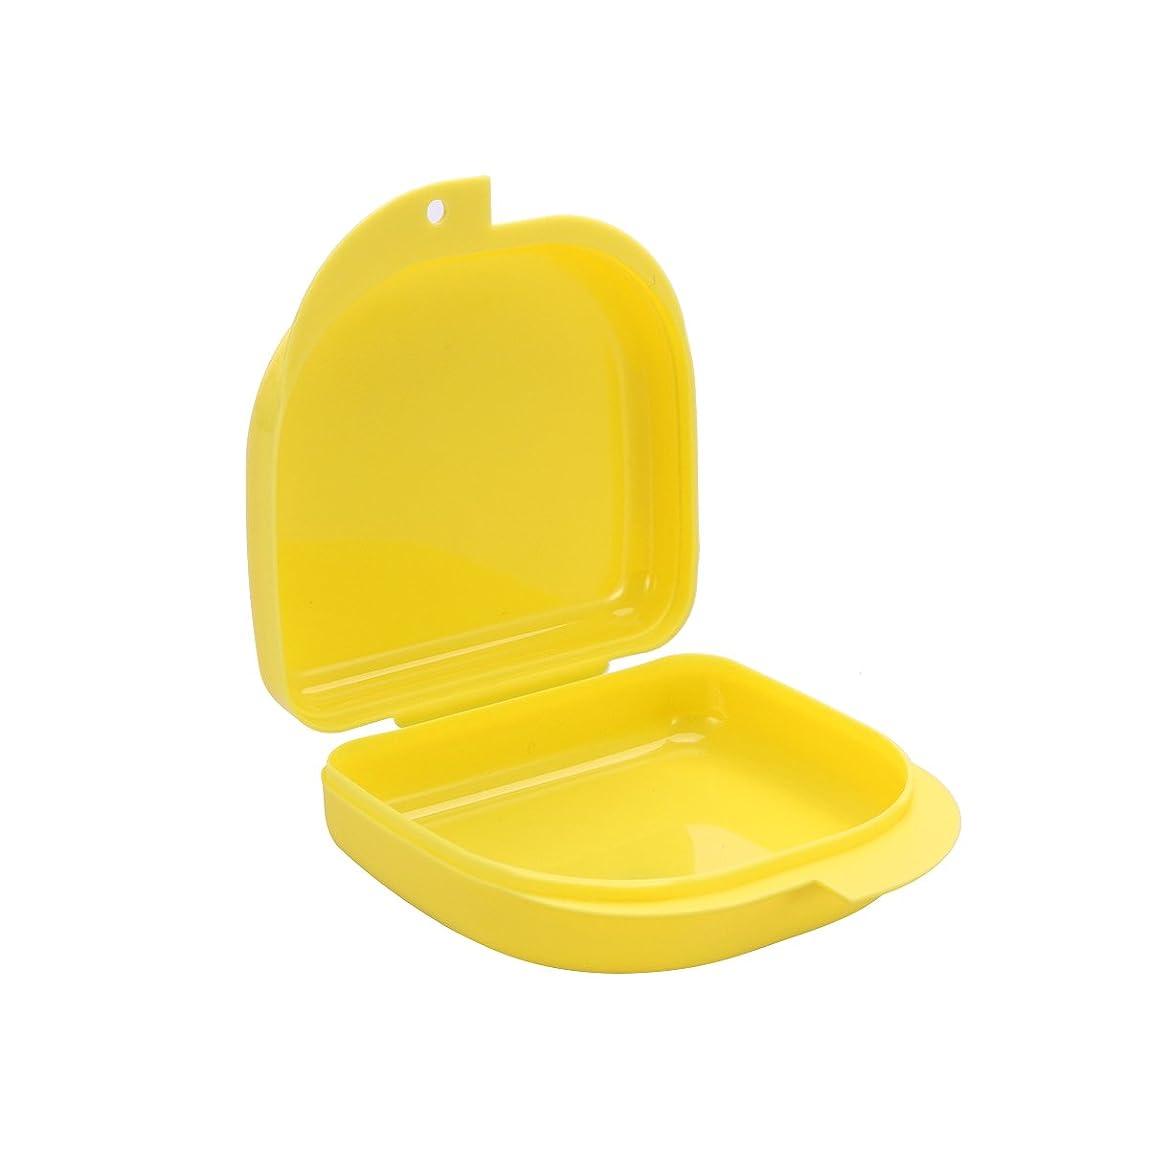 カストディアン買い手図SUPVOX 歯列矯正リテーナケーストラベル義歯マウスガード収納ケースコンテナスナップ付き(黄色)